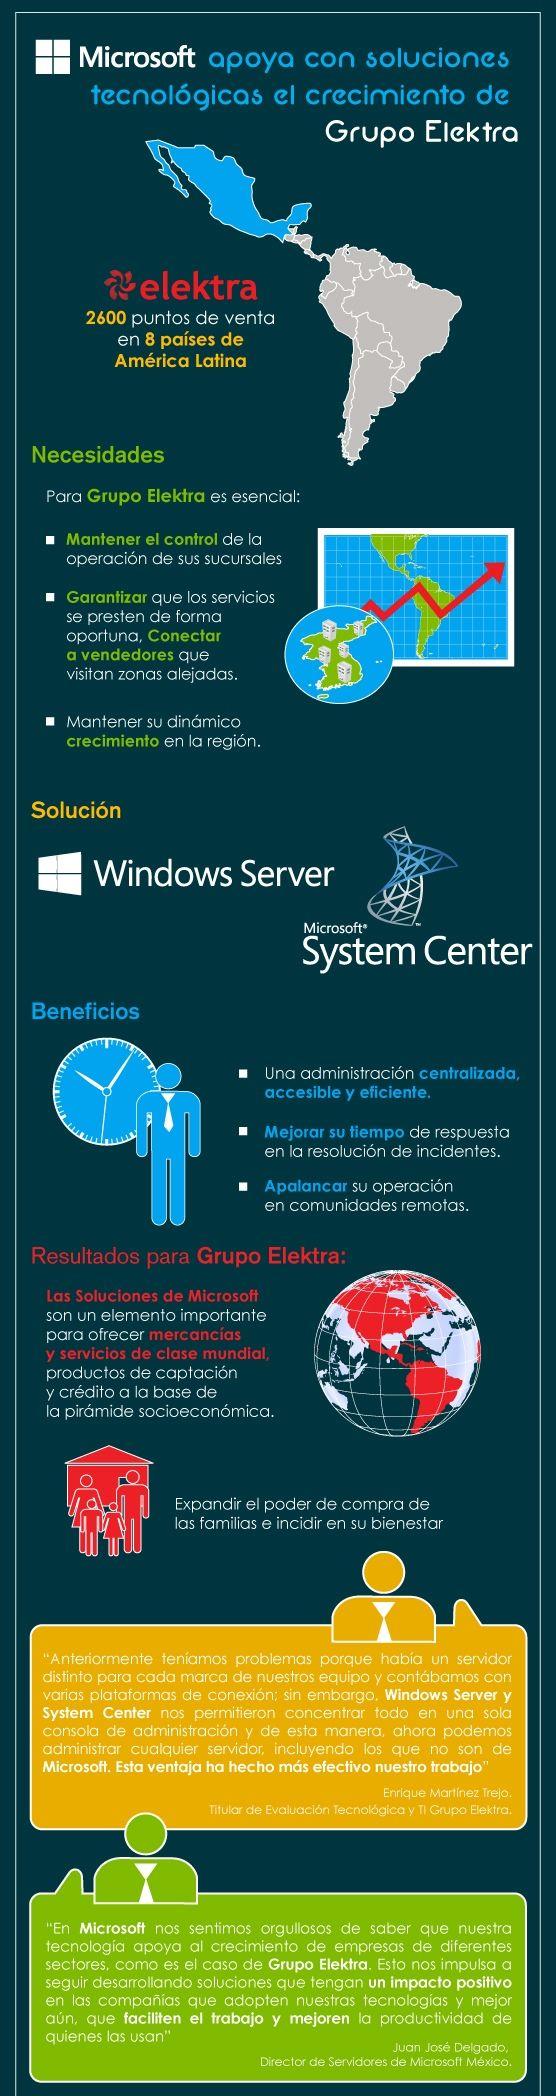 Infografía: Microsoft apoya con soluciones tecnológicas el crecimiento de Grupo Elektra